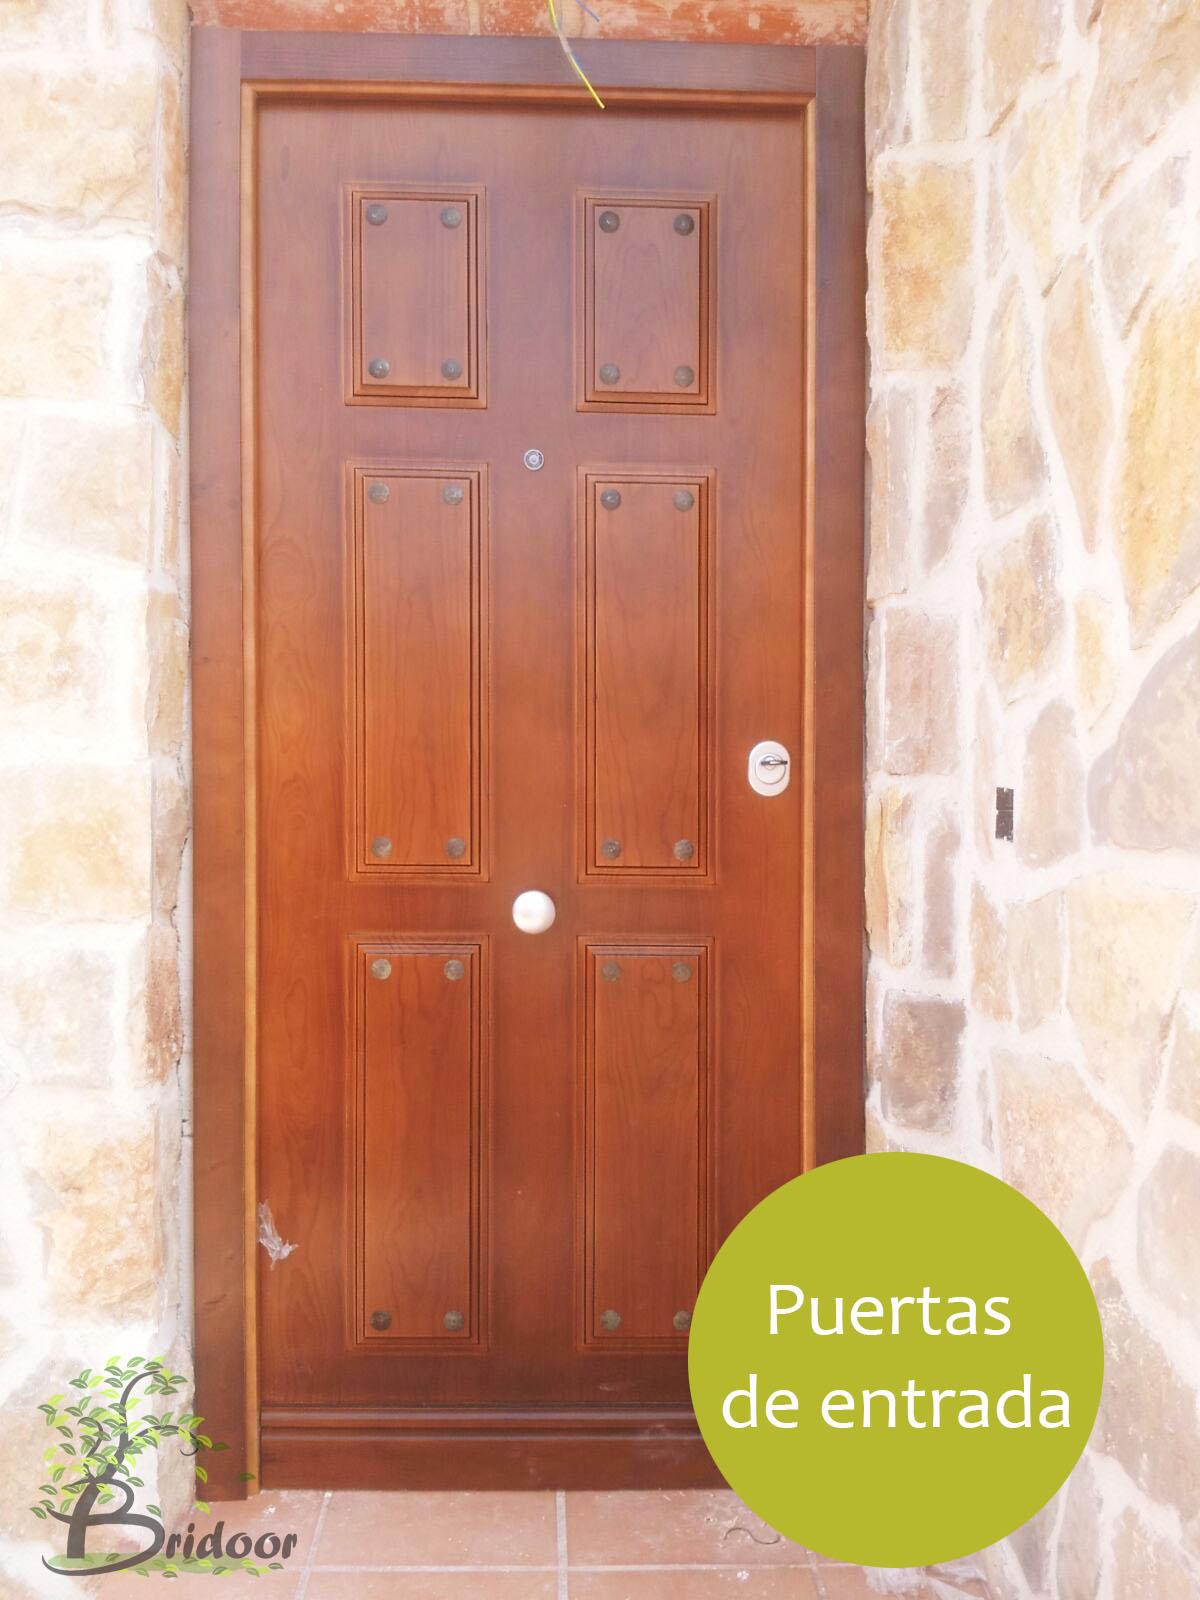 Bridoor s l puerta de entrada roble en soto del real - Puertas de madera entrada principal ...